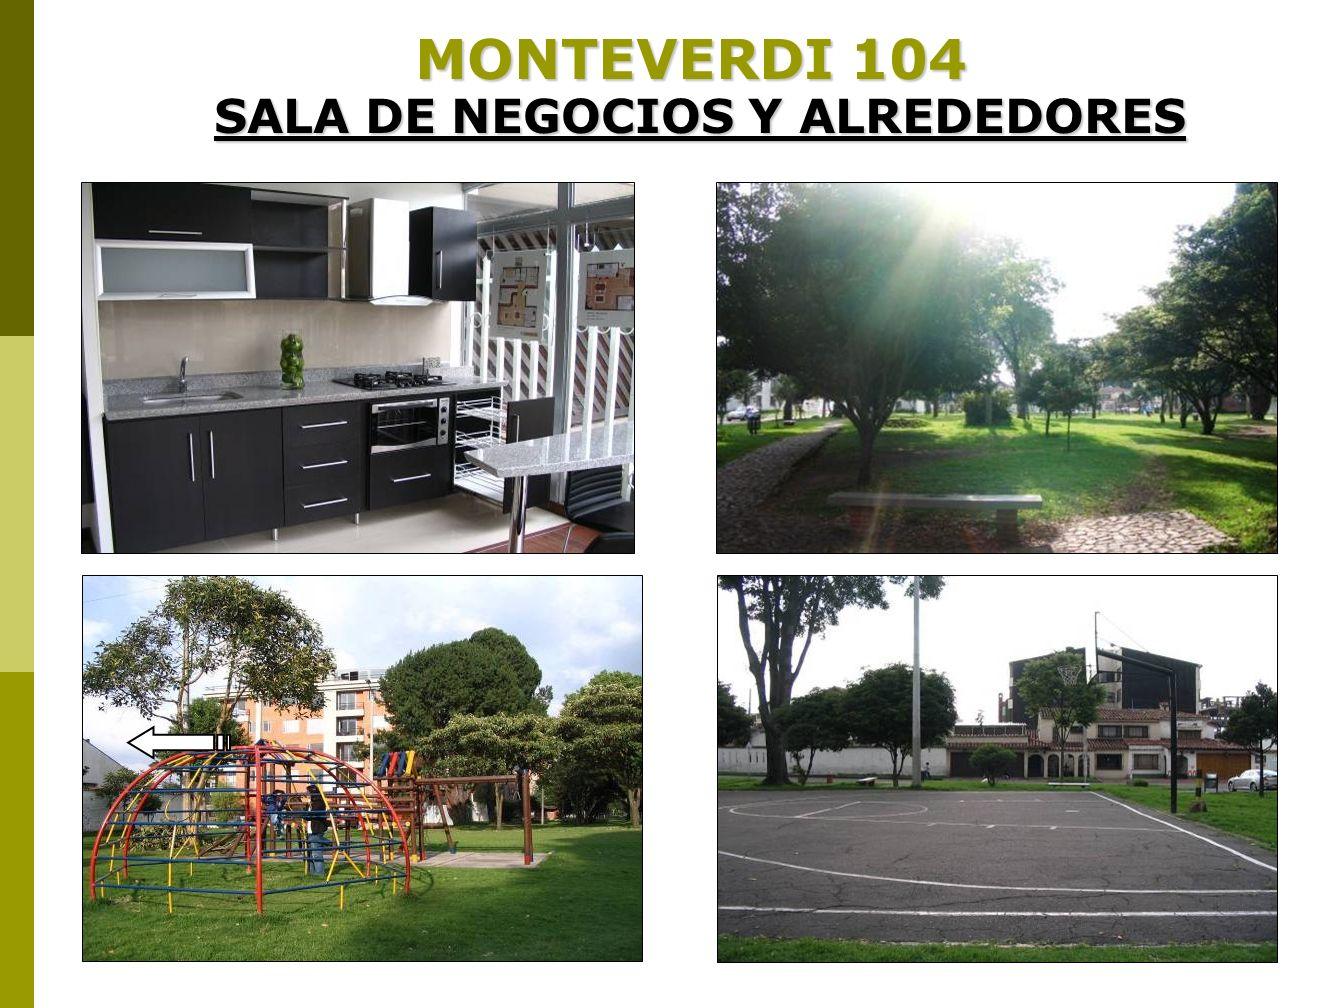 MONTEVERDI 104 SALA DE NEGOCIOS Y ALREDEDORES